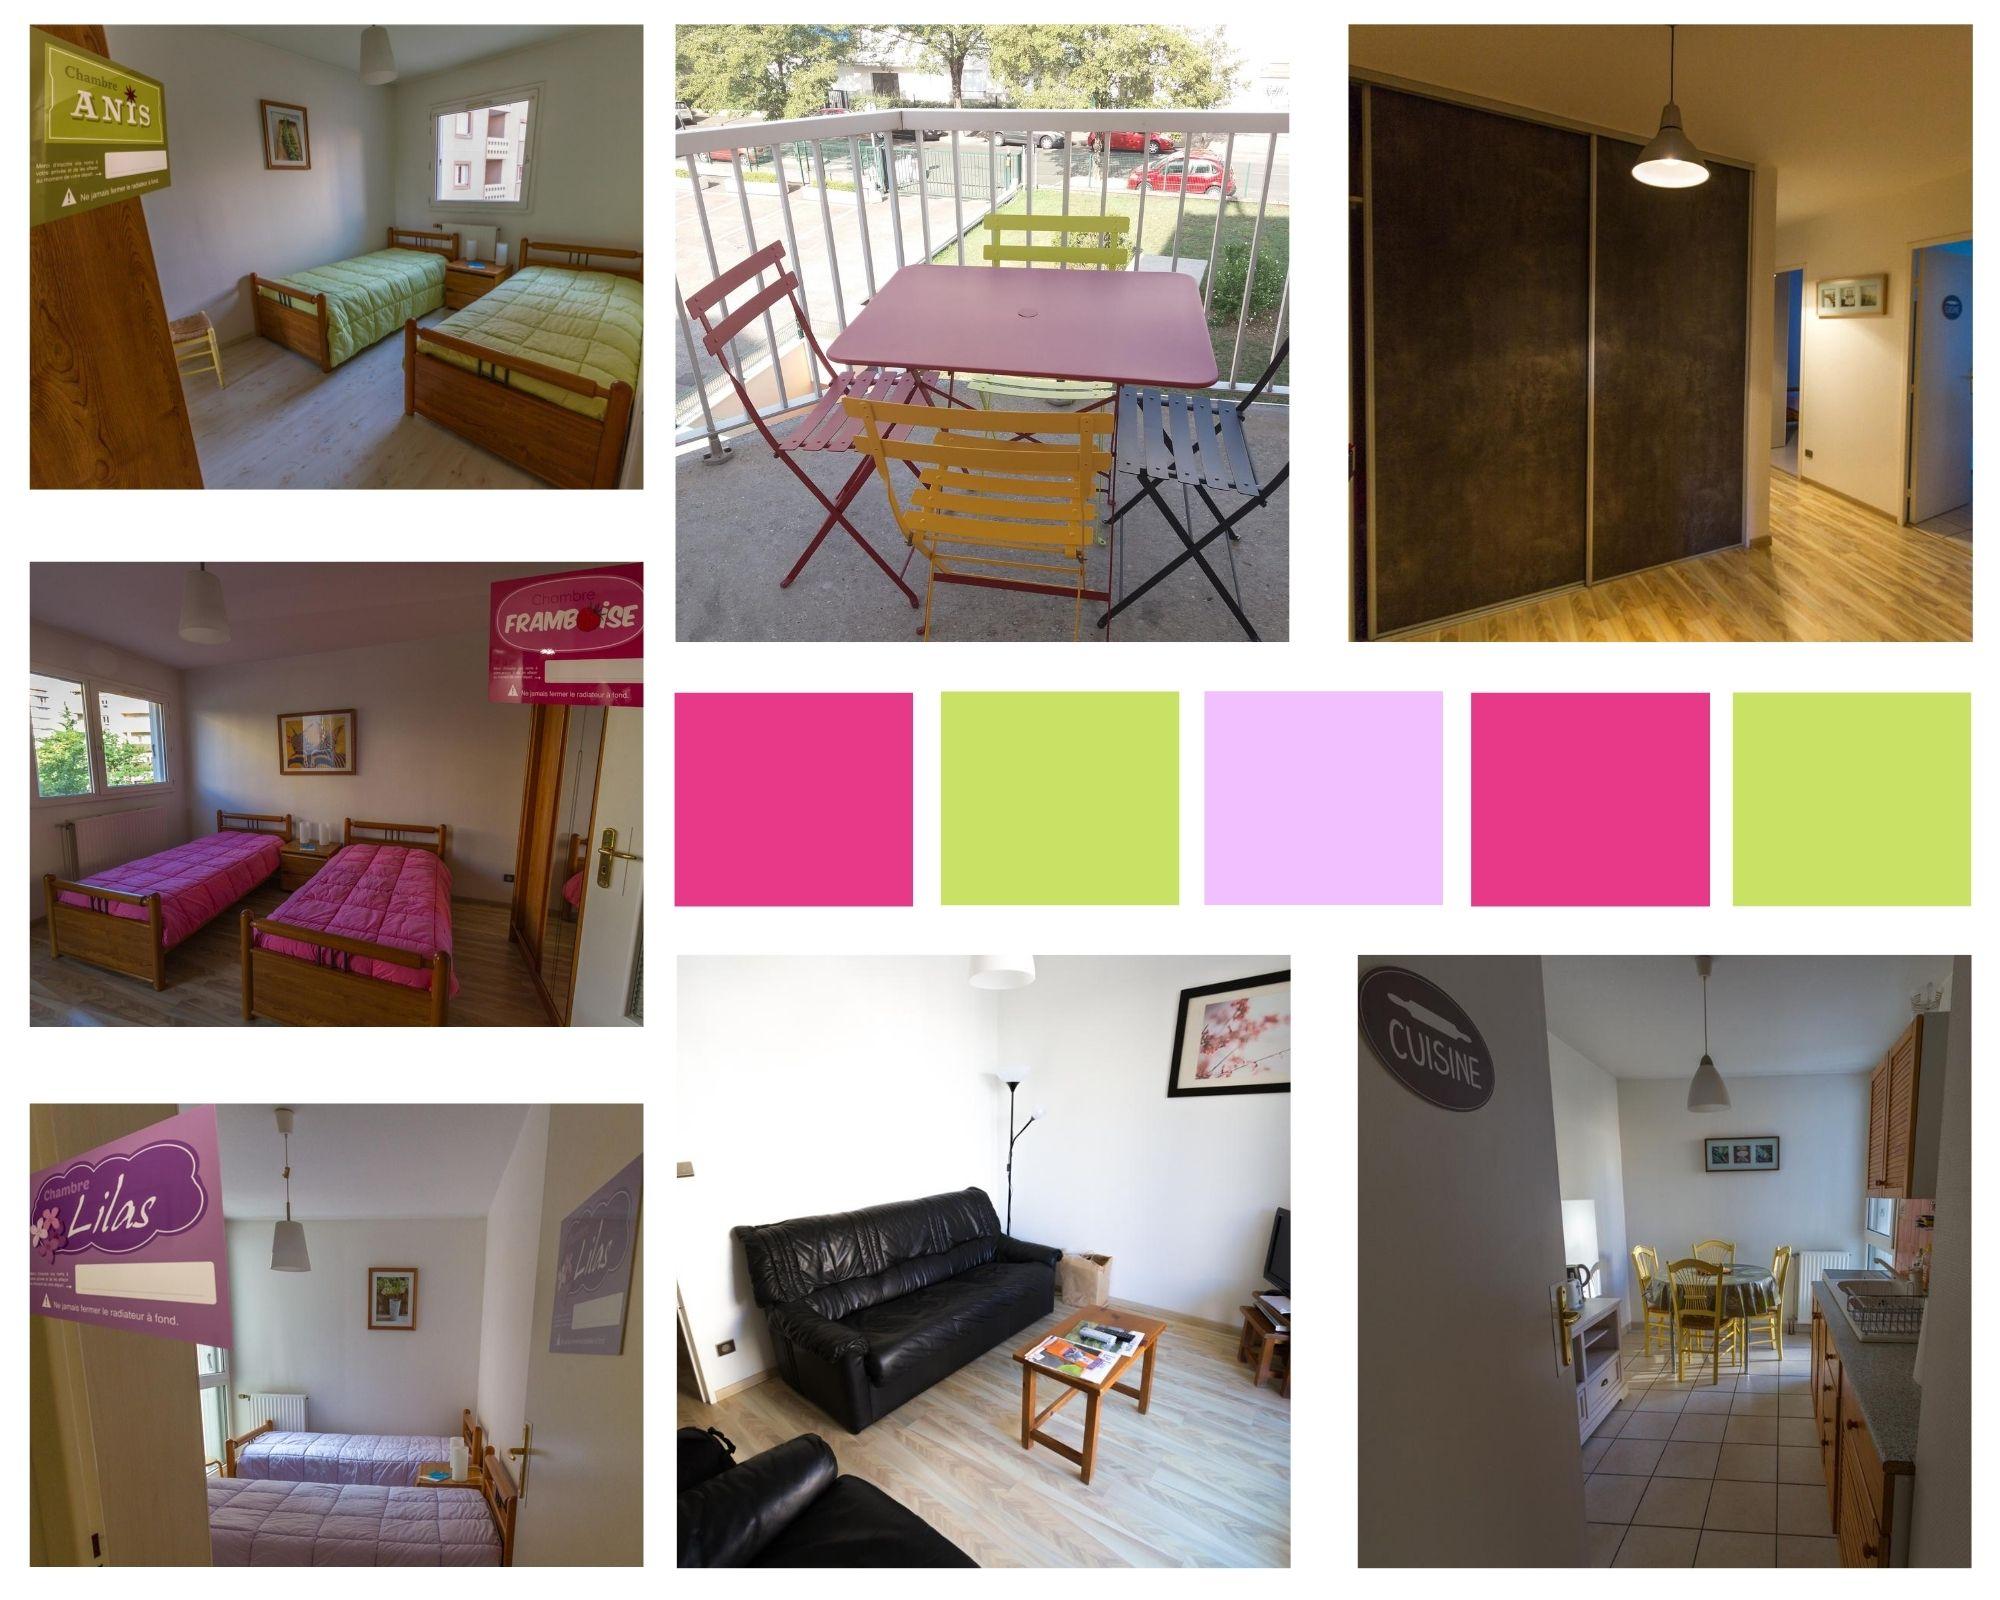 Appel - appartement multi-familles 2